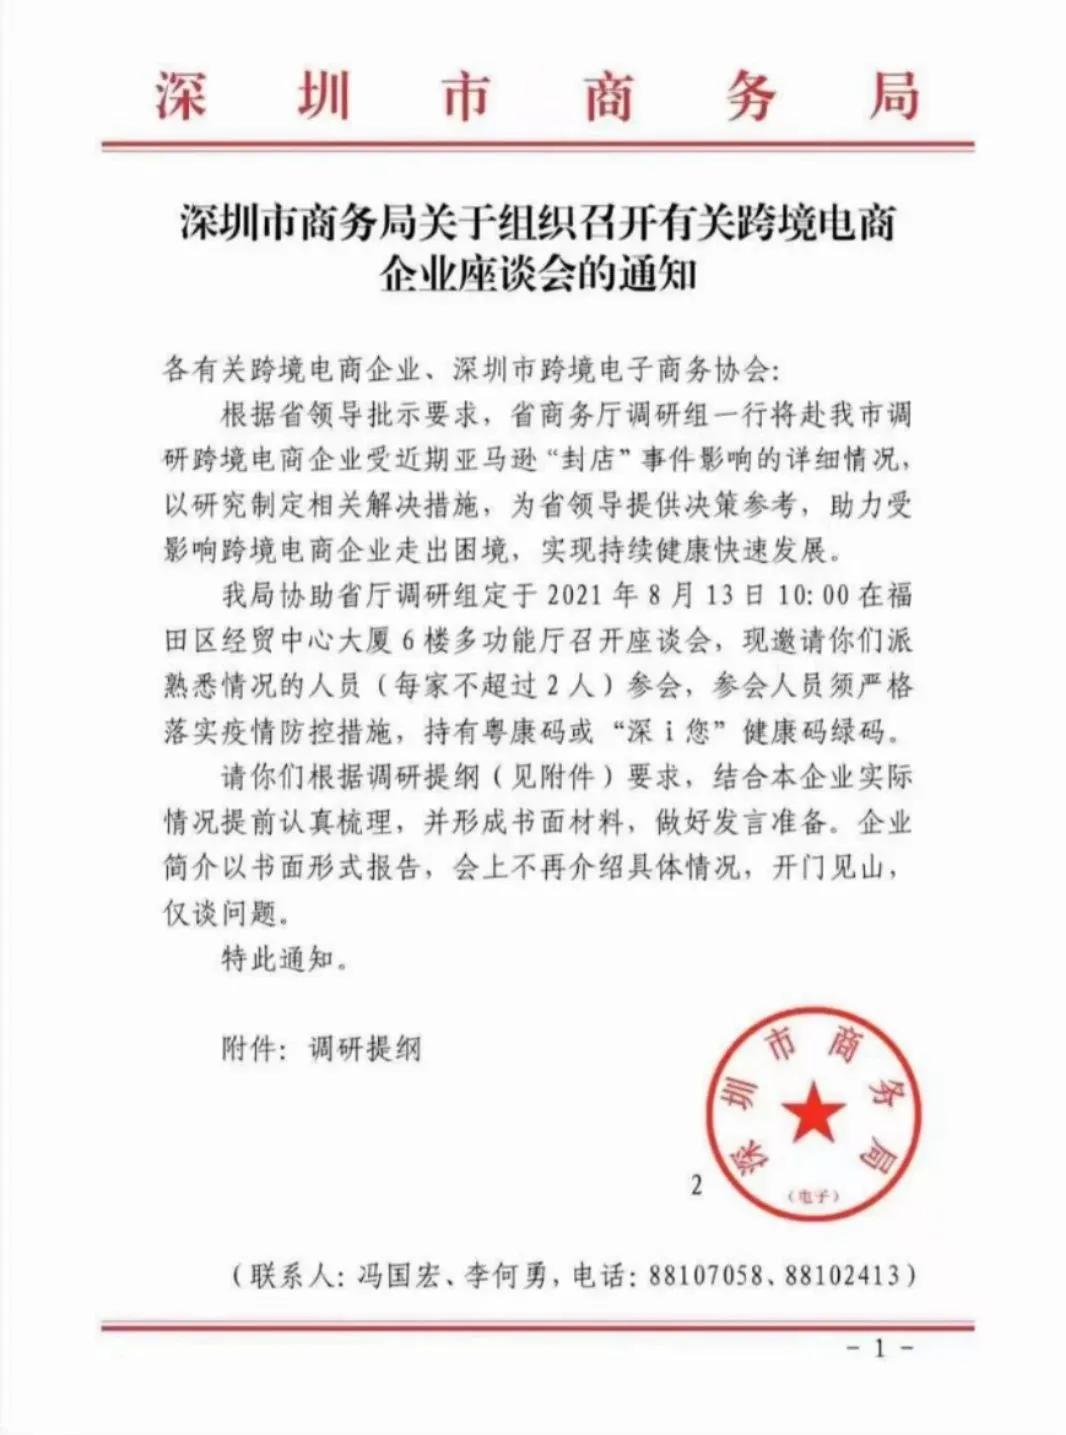 """深圳市商务局将召开座谈会,调研亚马逊""""封店""""事件"""